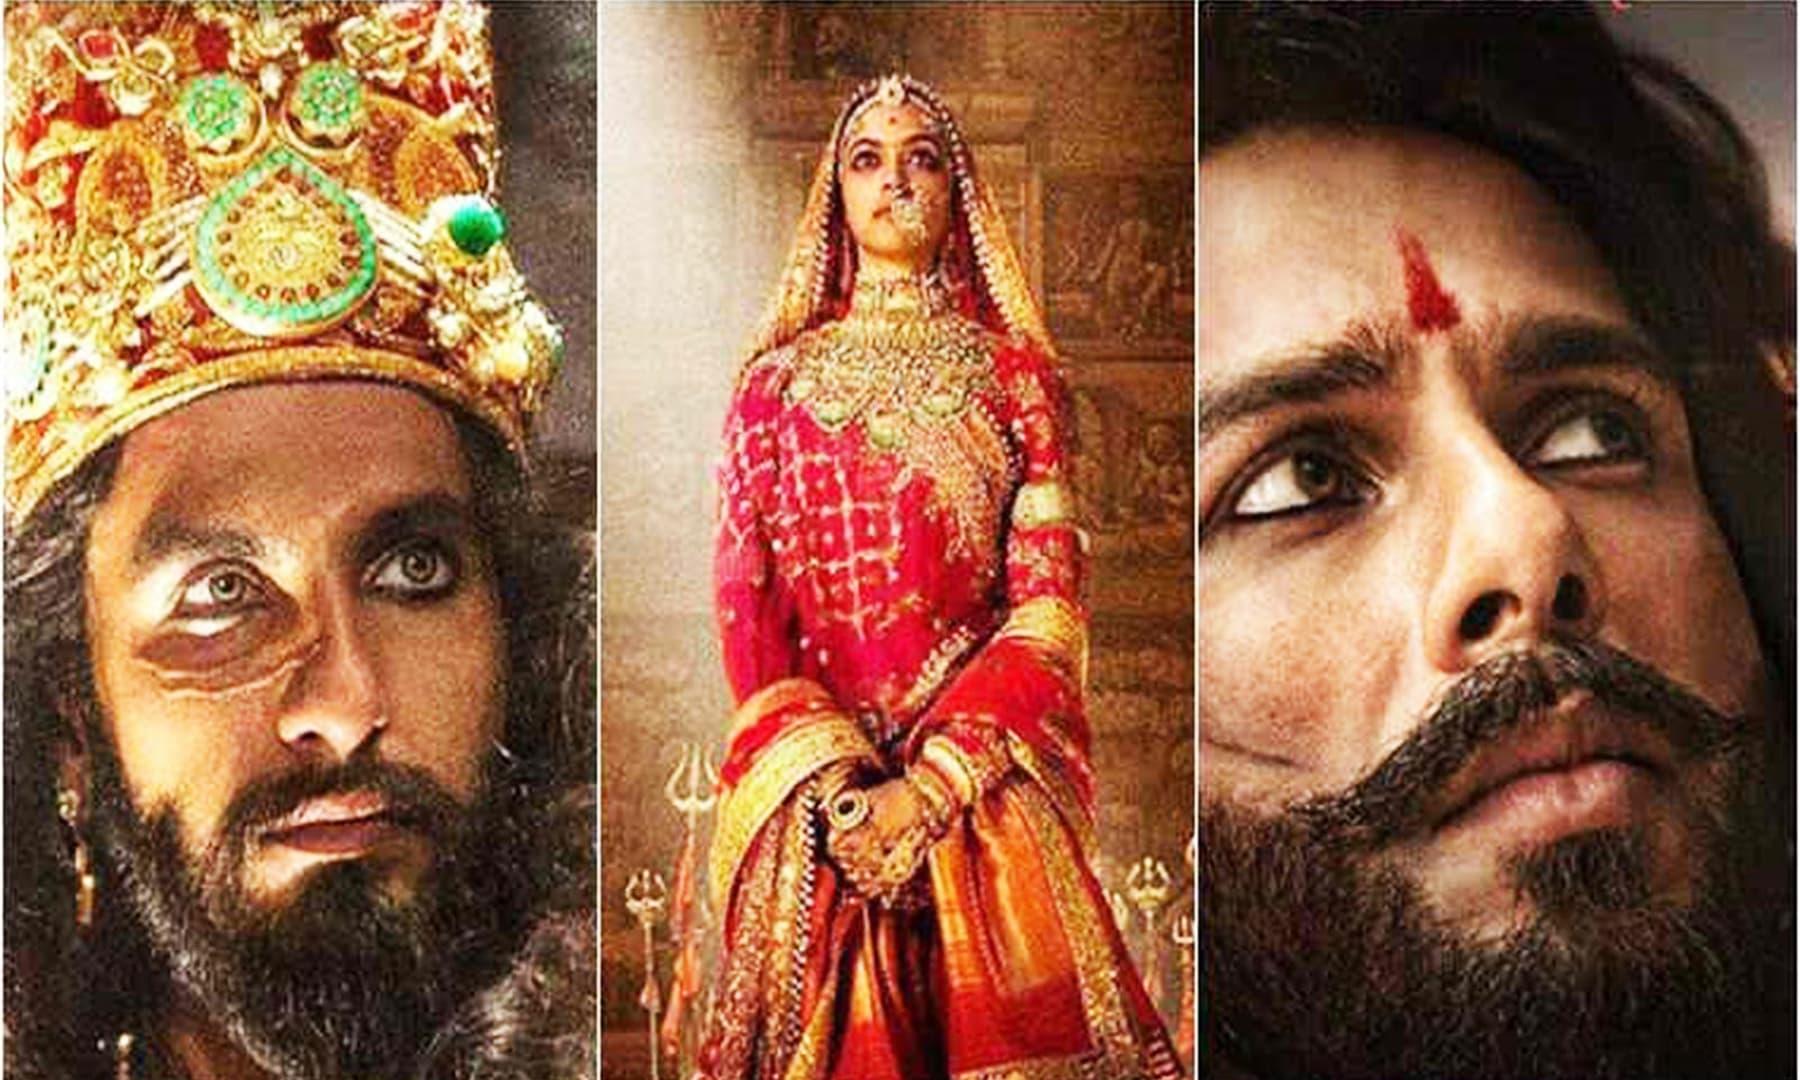 اداکار رنویر سنگھ، شاہد کپور، اداکارہ دپیکا پڈوکون۔